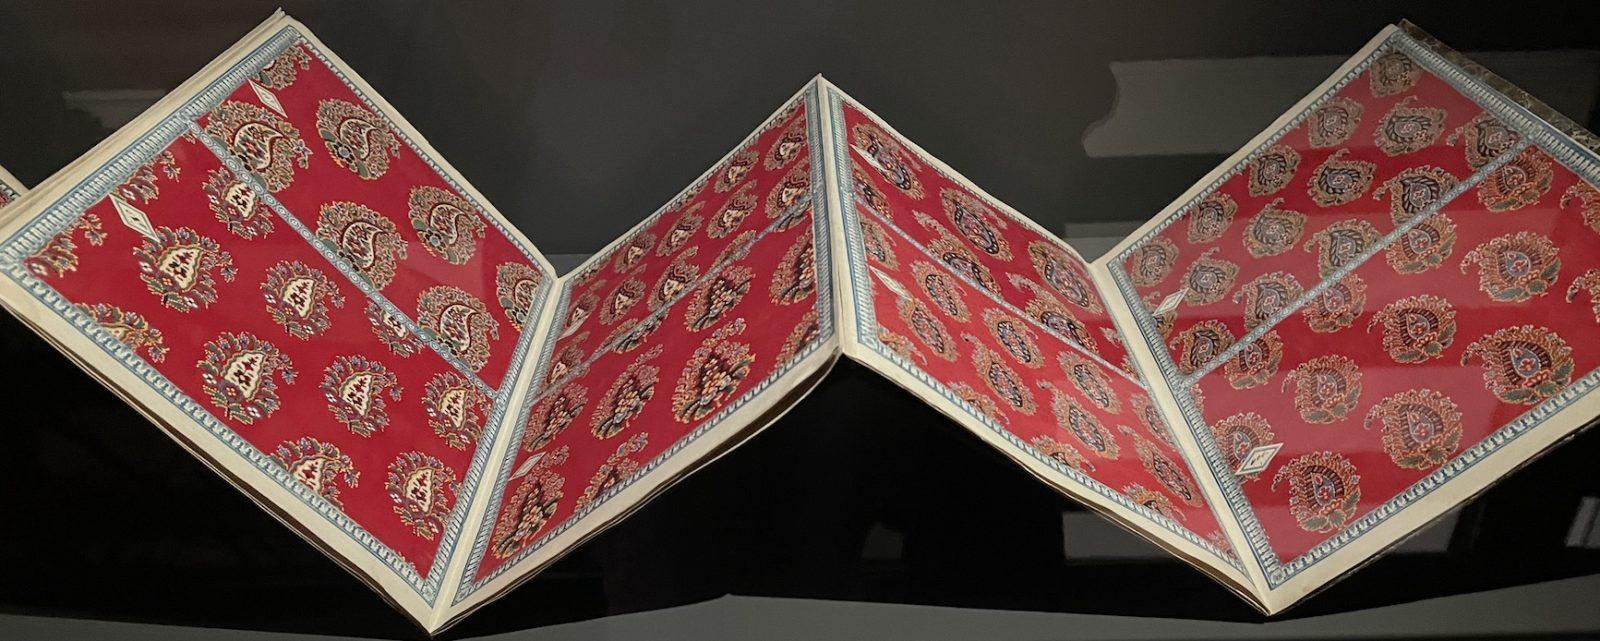 Château de Prangins Indiennes Album d'échantillons Glaris